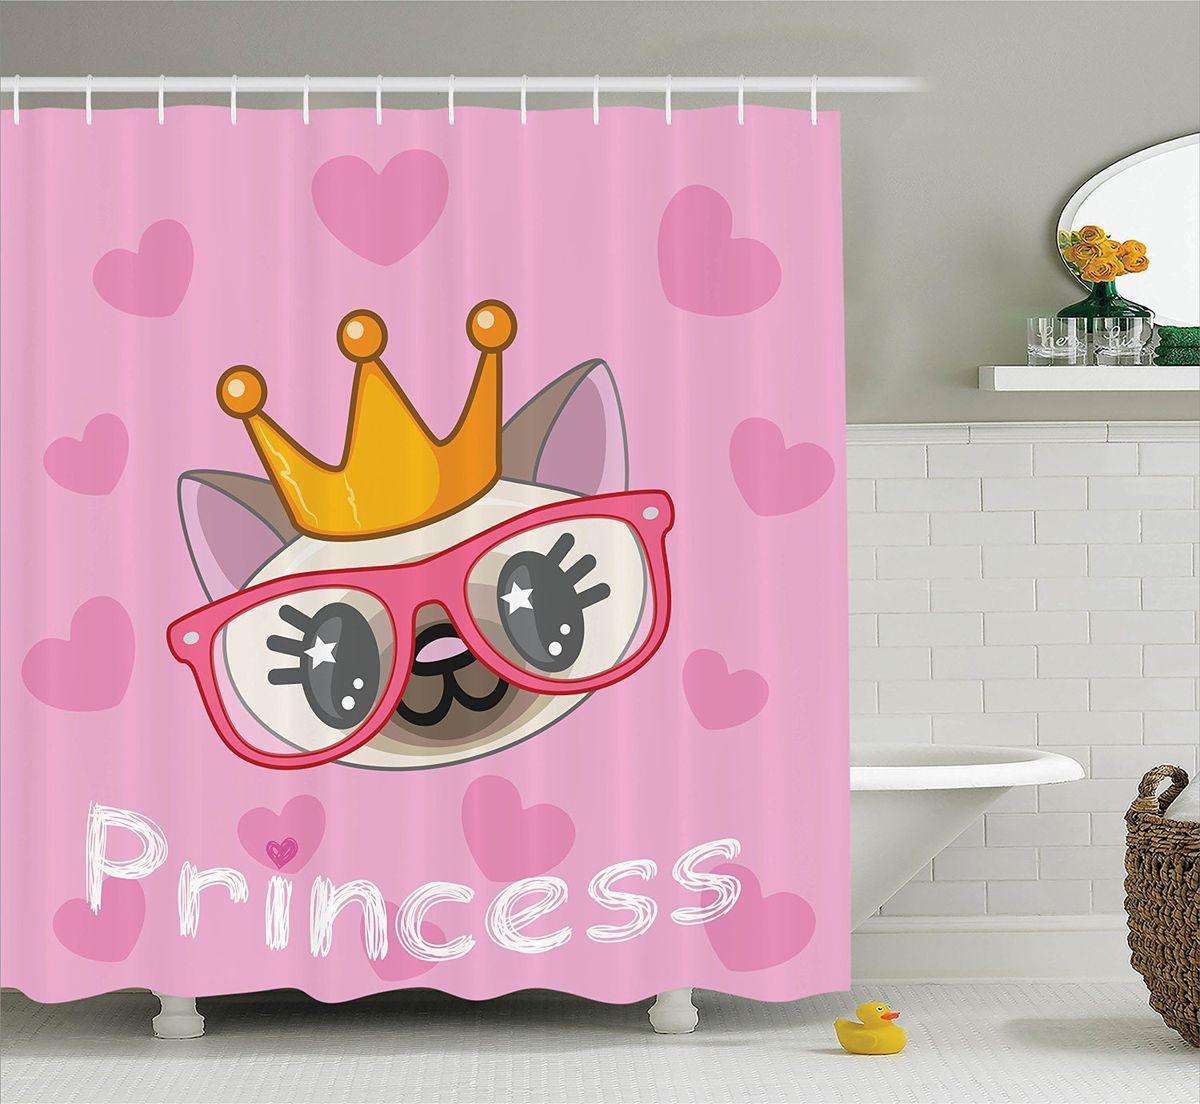 Штора для ванной комнаты Magic Lady Принцесса кошек, 180 х 200 см68/5/4Штора Magic Lady Принцесса кошек, изготовленная из высококачественного сатена (полиэстер 100%), отлично дополнит любой интерьер ванной комнаты. При изготовлении используются специальные гипоаллергенные чернила для прямой печати по ткани, безопасные для человека.В комплекте: 1 штора, 12 крючков. Обращаем ваше внимание, фактический цвет изделия может незначительно отличаться от представленного на фото.